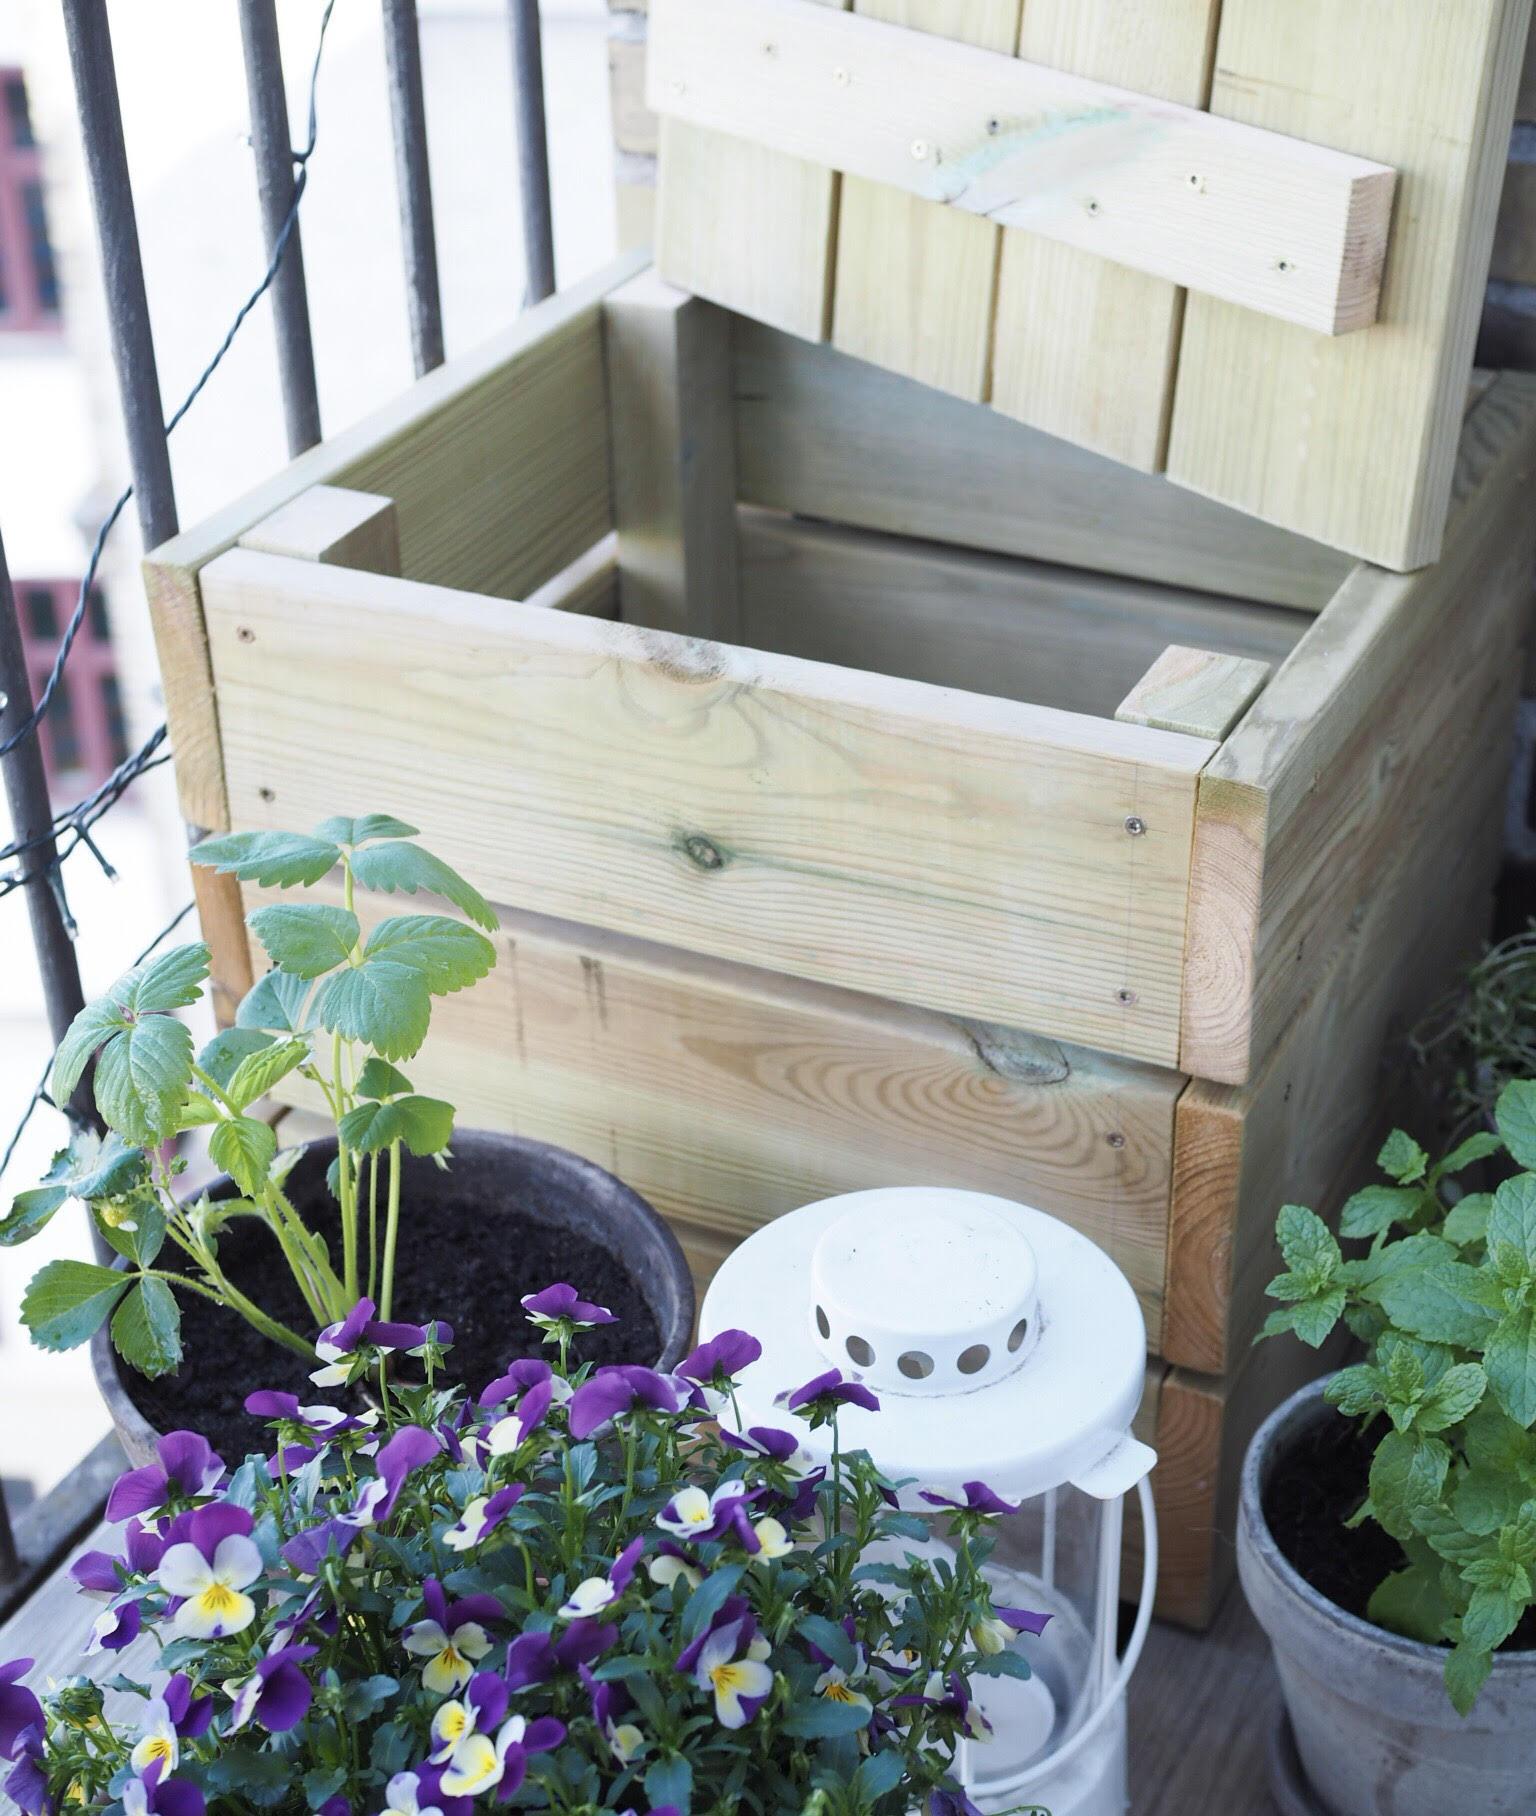 Lille altankasse/bænk til opbevaring og siddeplads